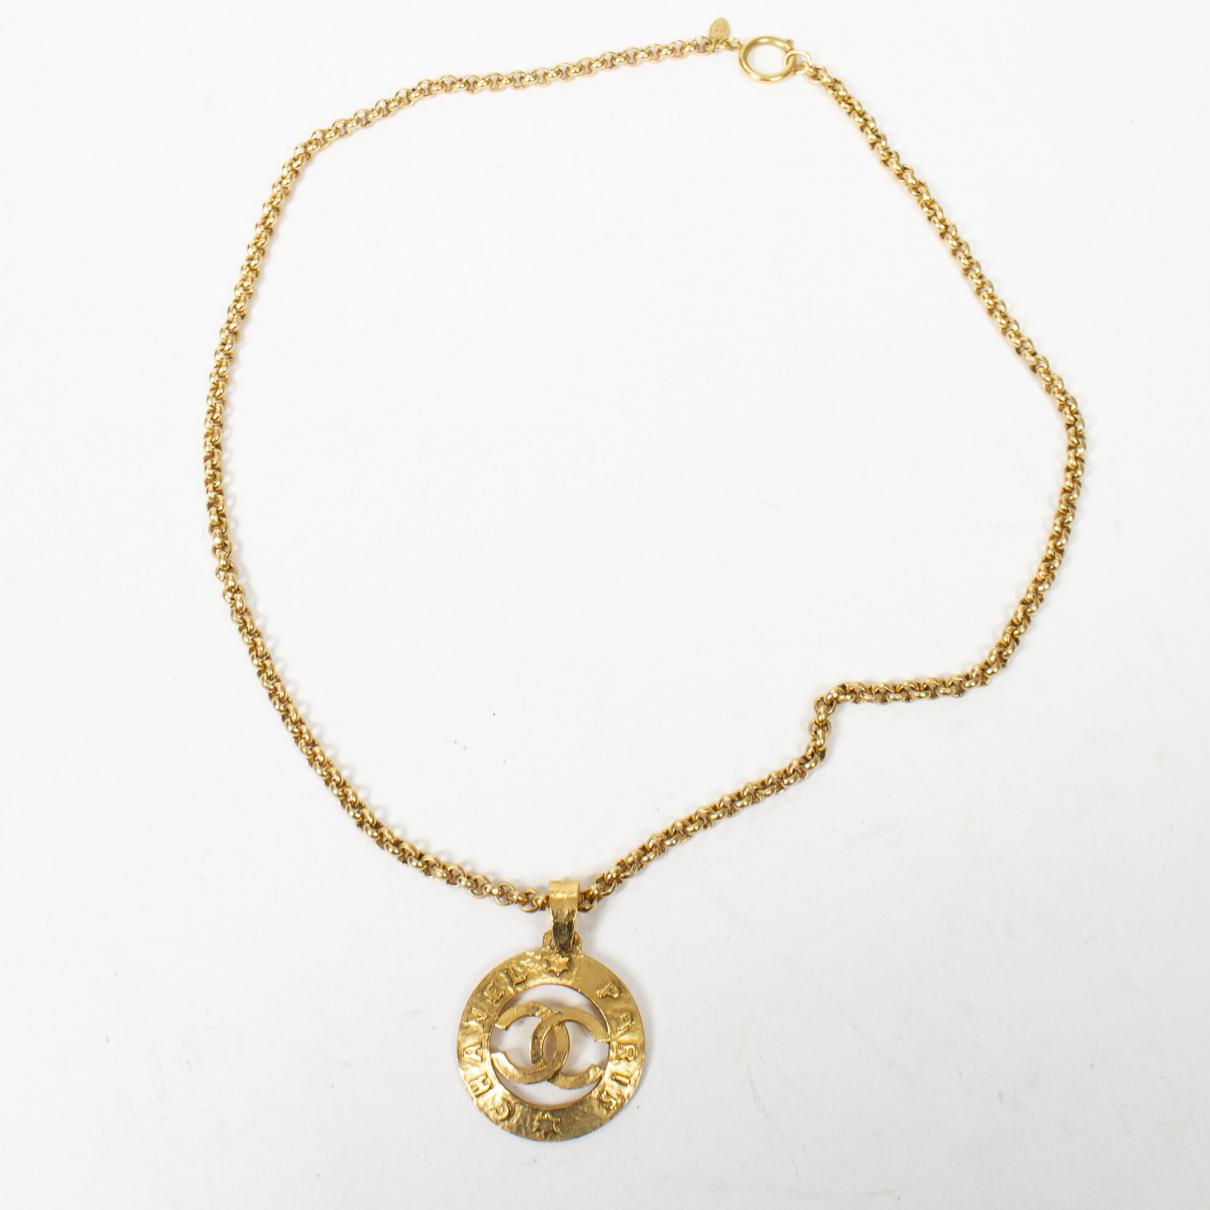 Chanel \N Kette in  Gelb Metall